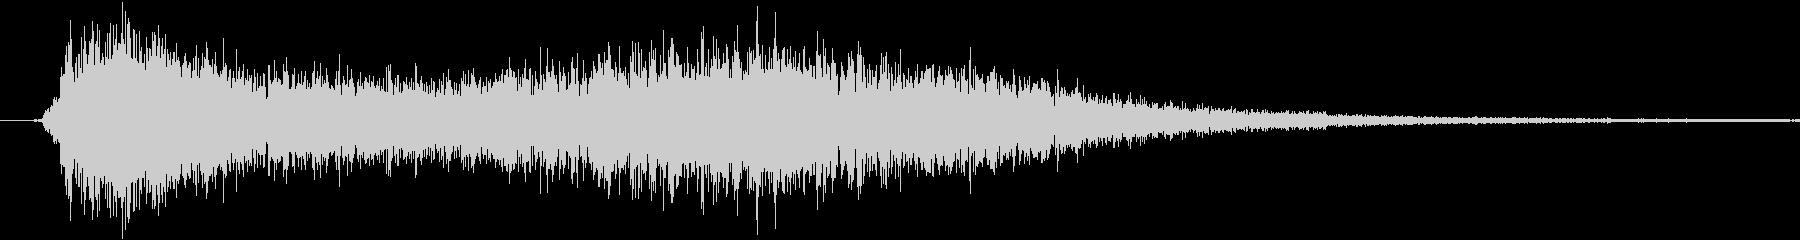 ステータス上昇魔法(上昇するイメージ)の未再生の波形